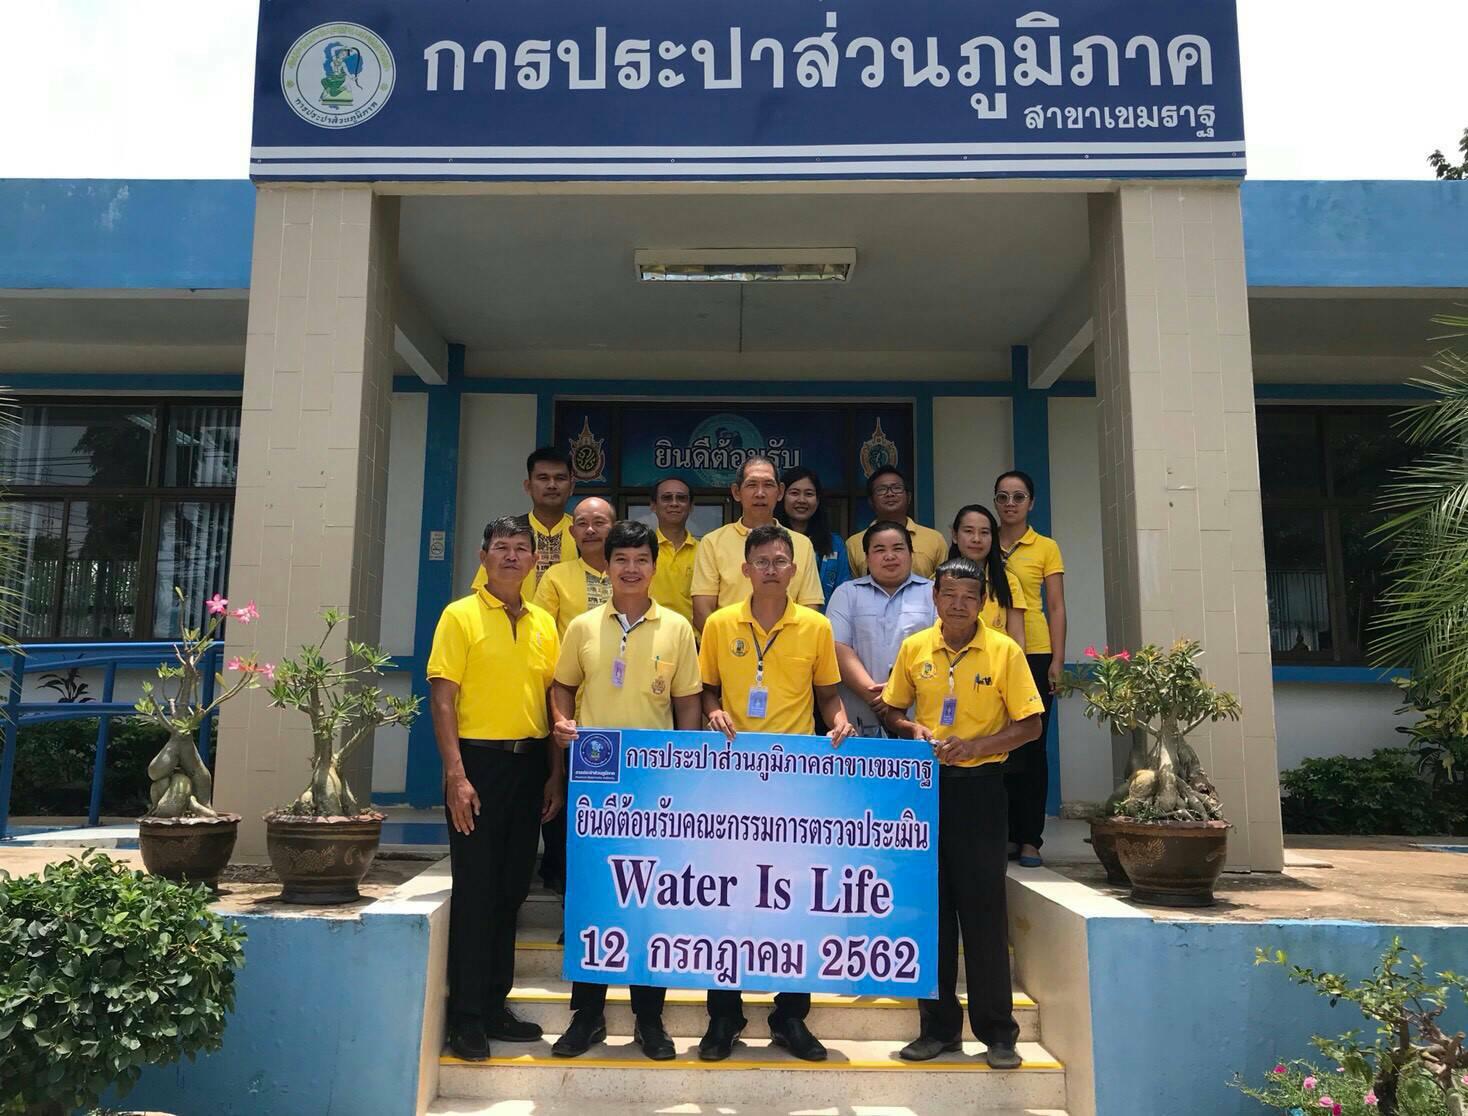 ไฟล์แนบ กปภ.สาขาเขมราฐรับการตรวจประเมินโครงการ Water Is Life